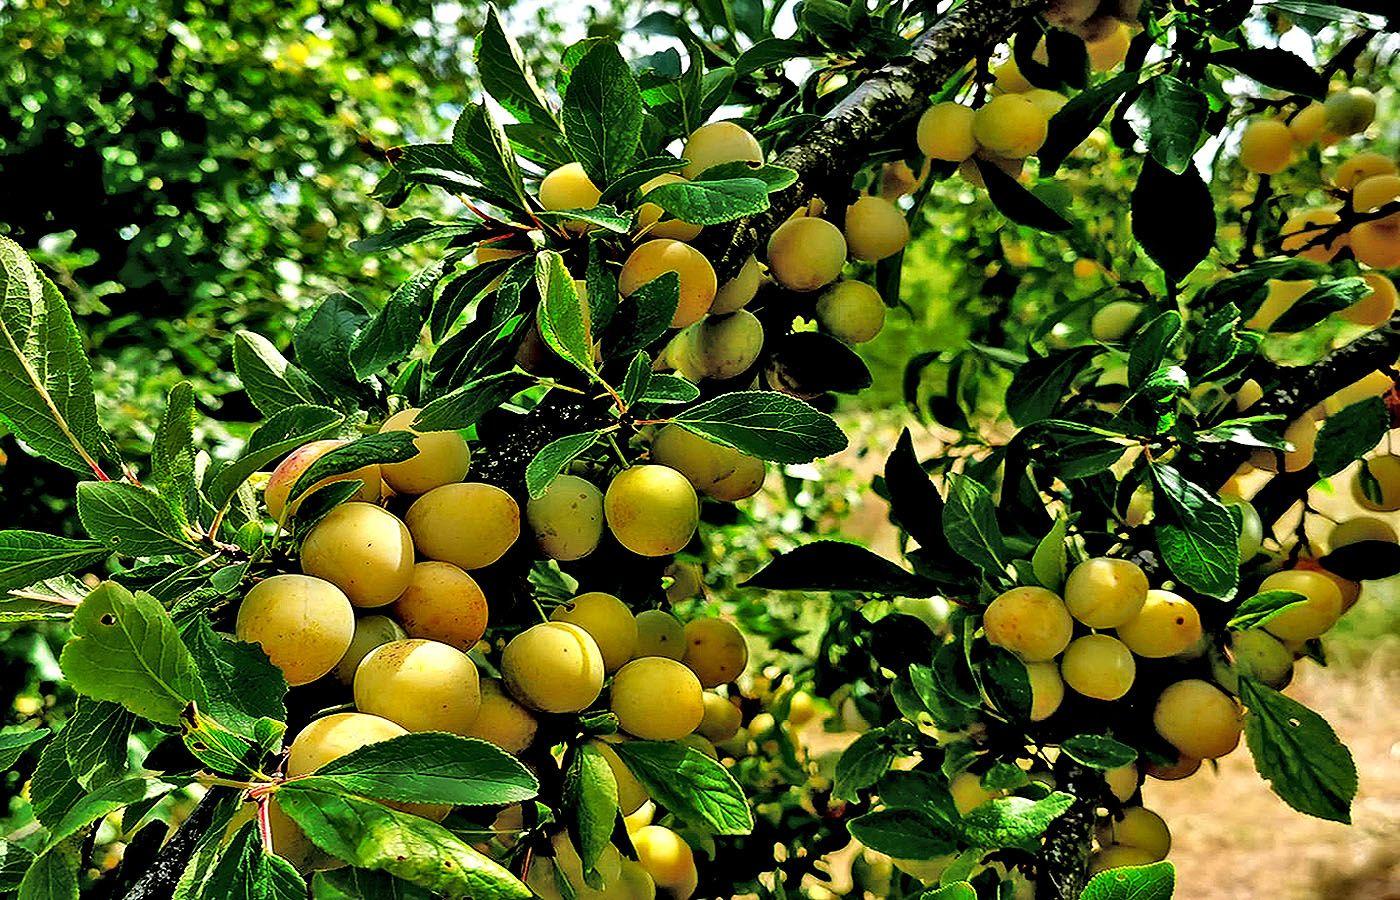 Die Baume Hangen Voll Sagten Die Mirabellen In Nachbar S Garten Egal Ob Wie Hier Mirabellen Oder Pflaumen Apfel Und Birnen O Mirabellen Obst Birne